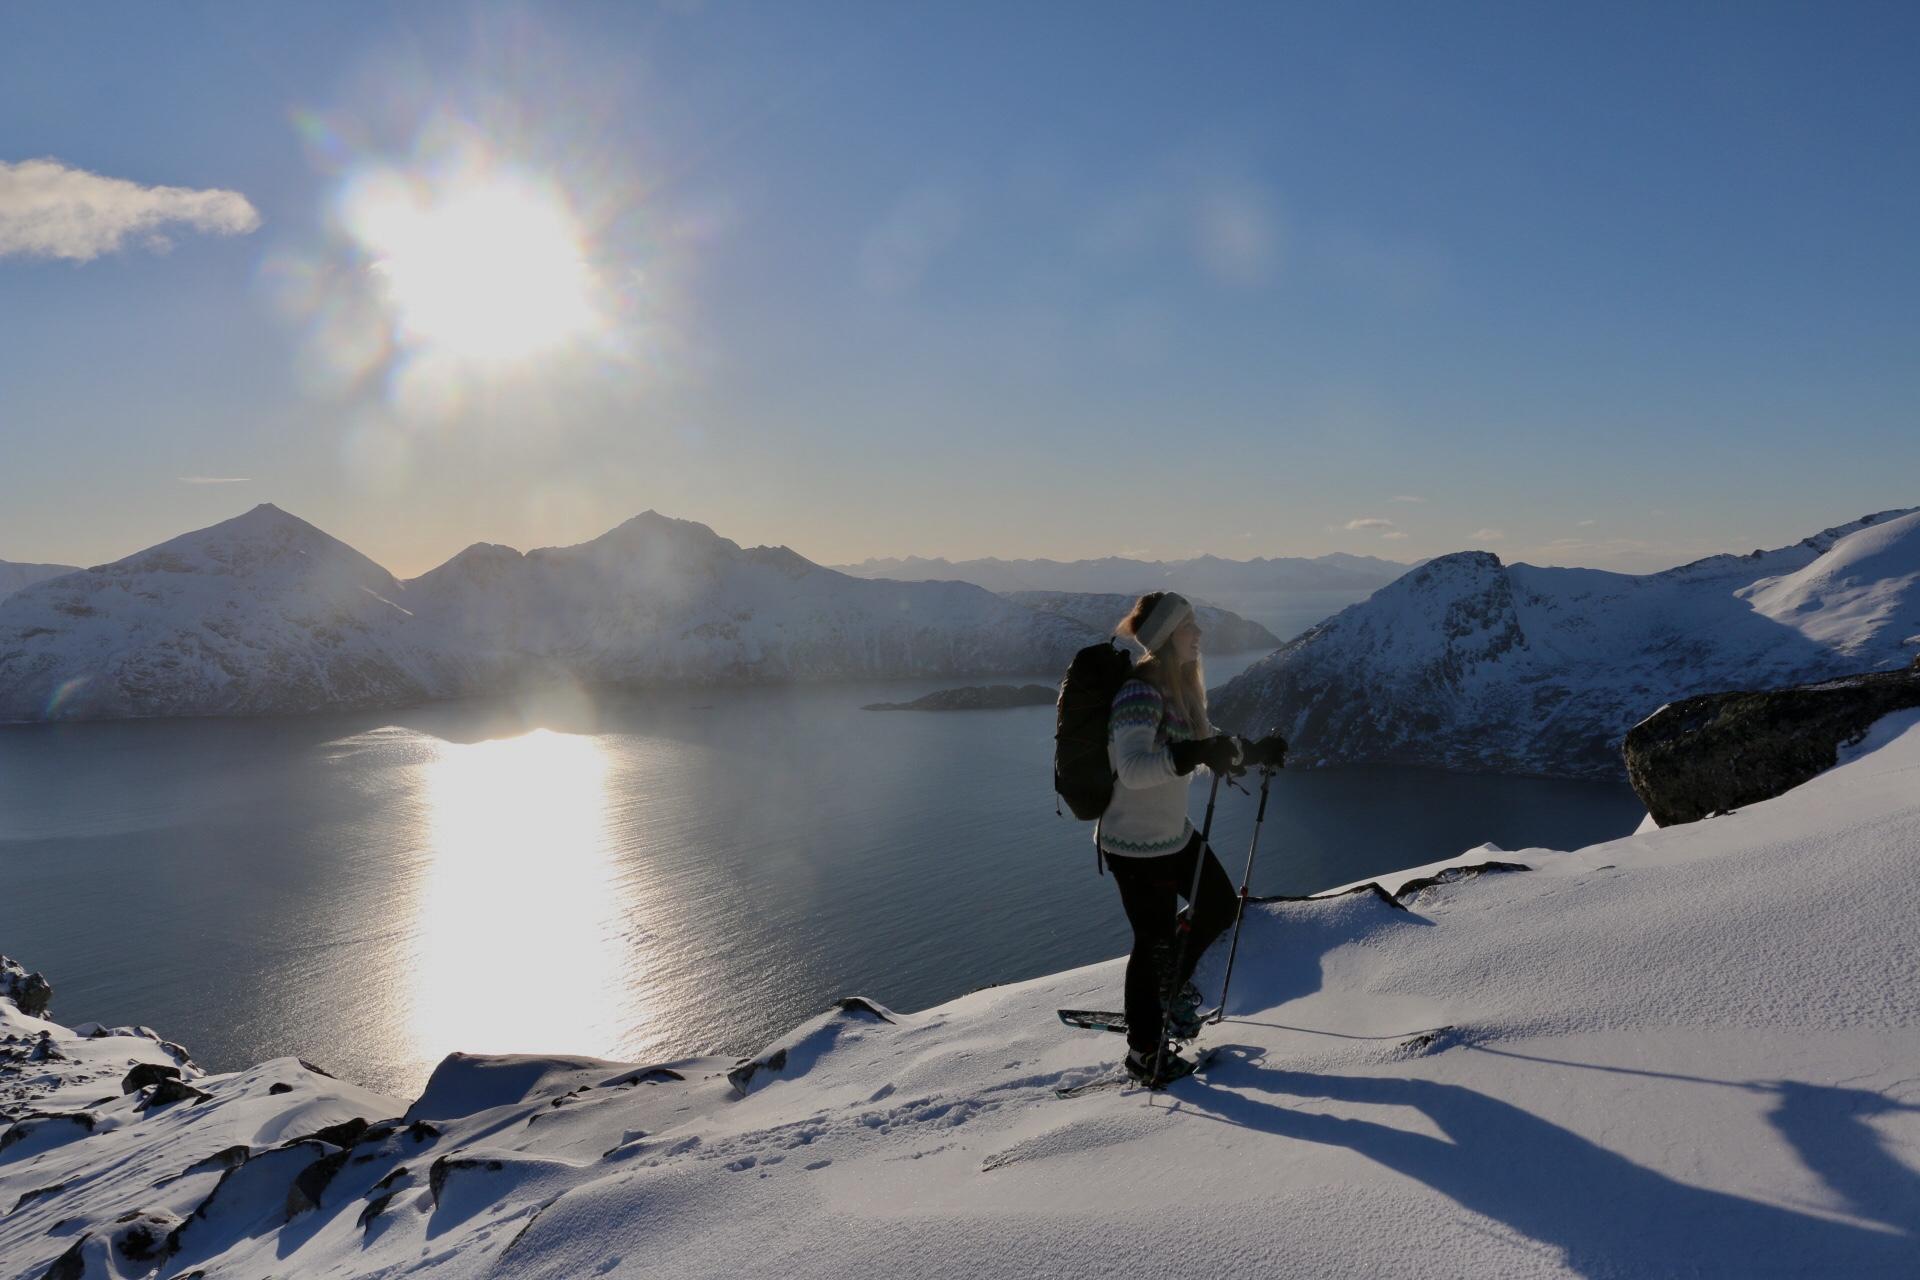 Pernille på vei opp. Breitinden 843moh, Ryptinden 656 moh og Bremnestinden 786 moh ses i bakgrunnen.